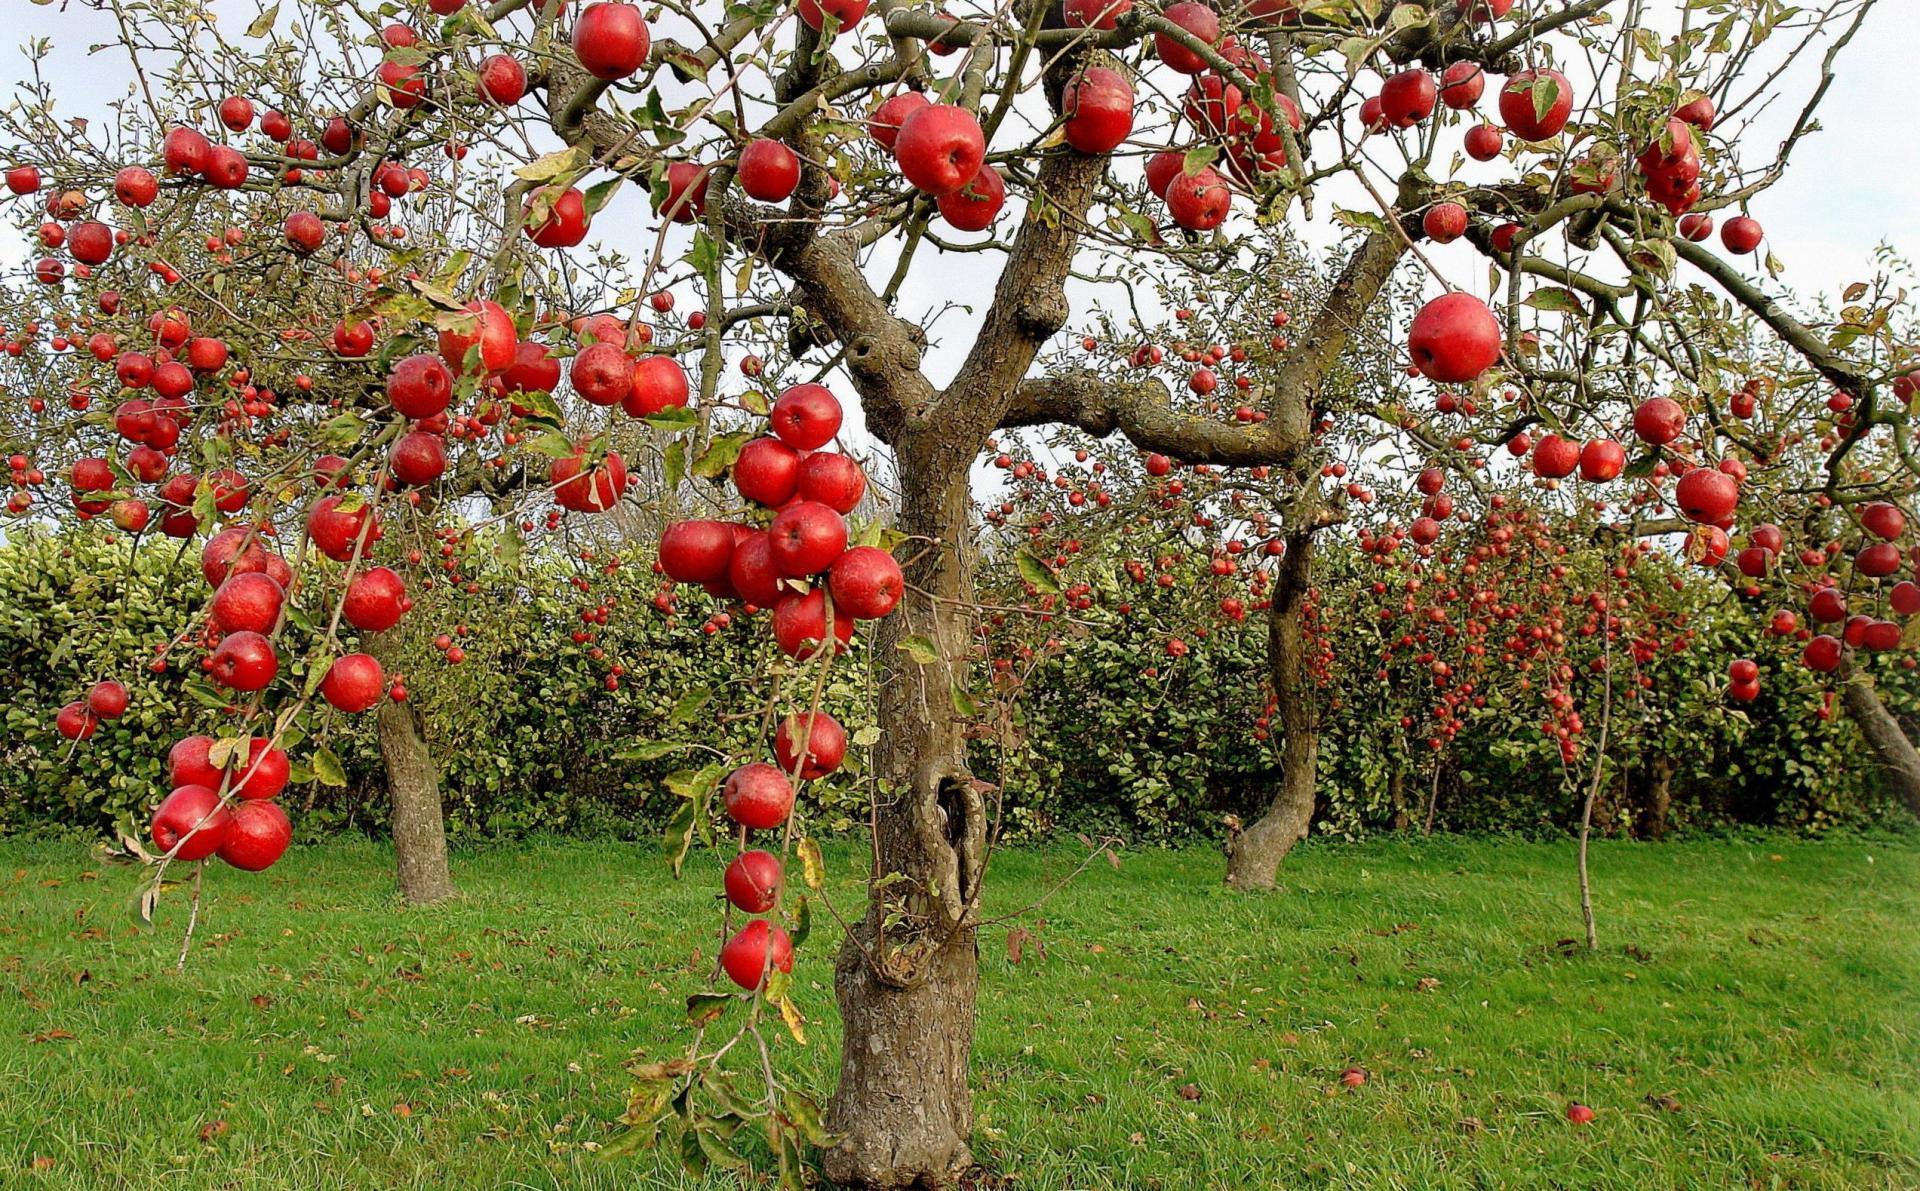 У данного вида отличные вкусовые качества плодов